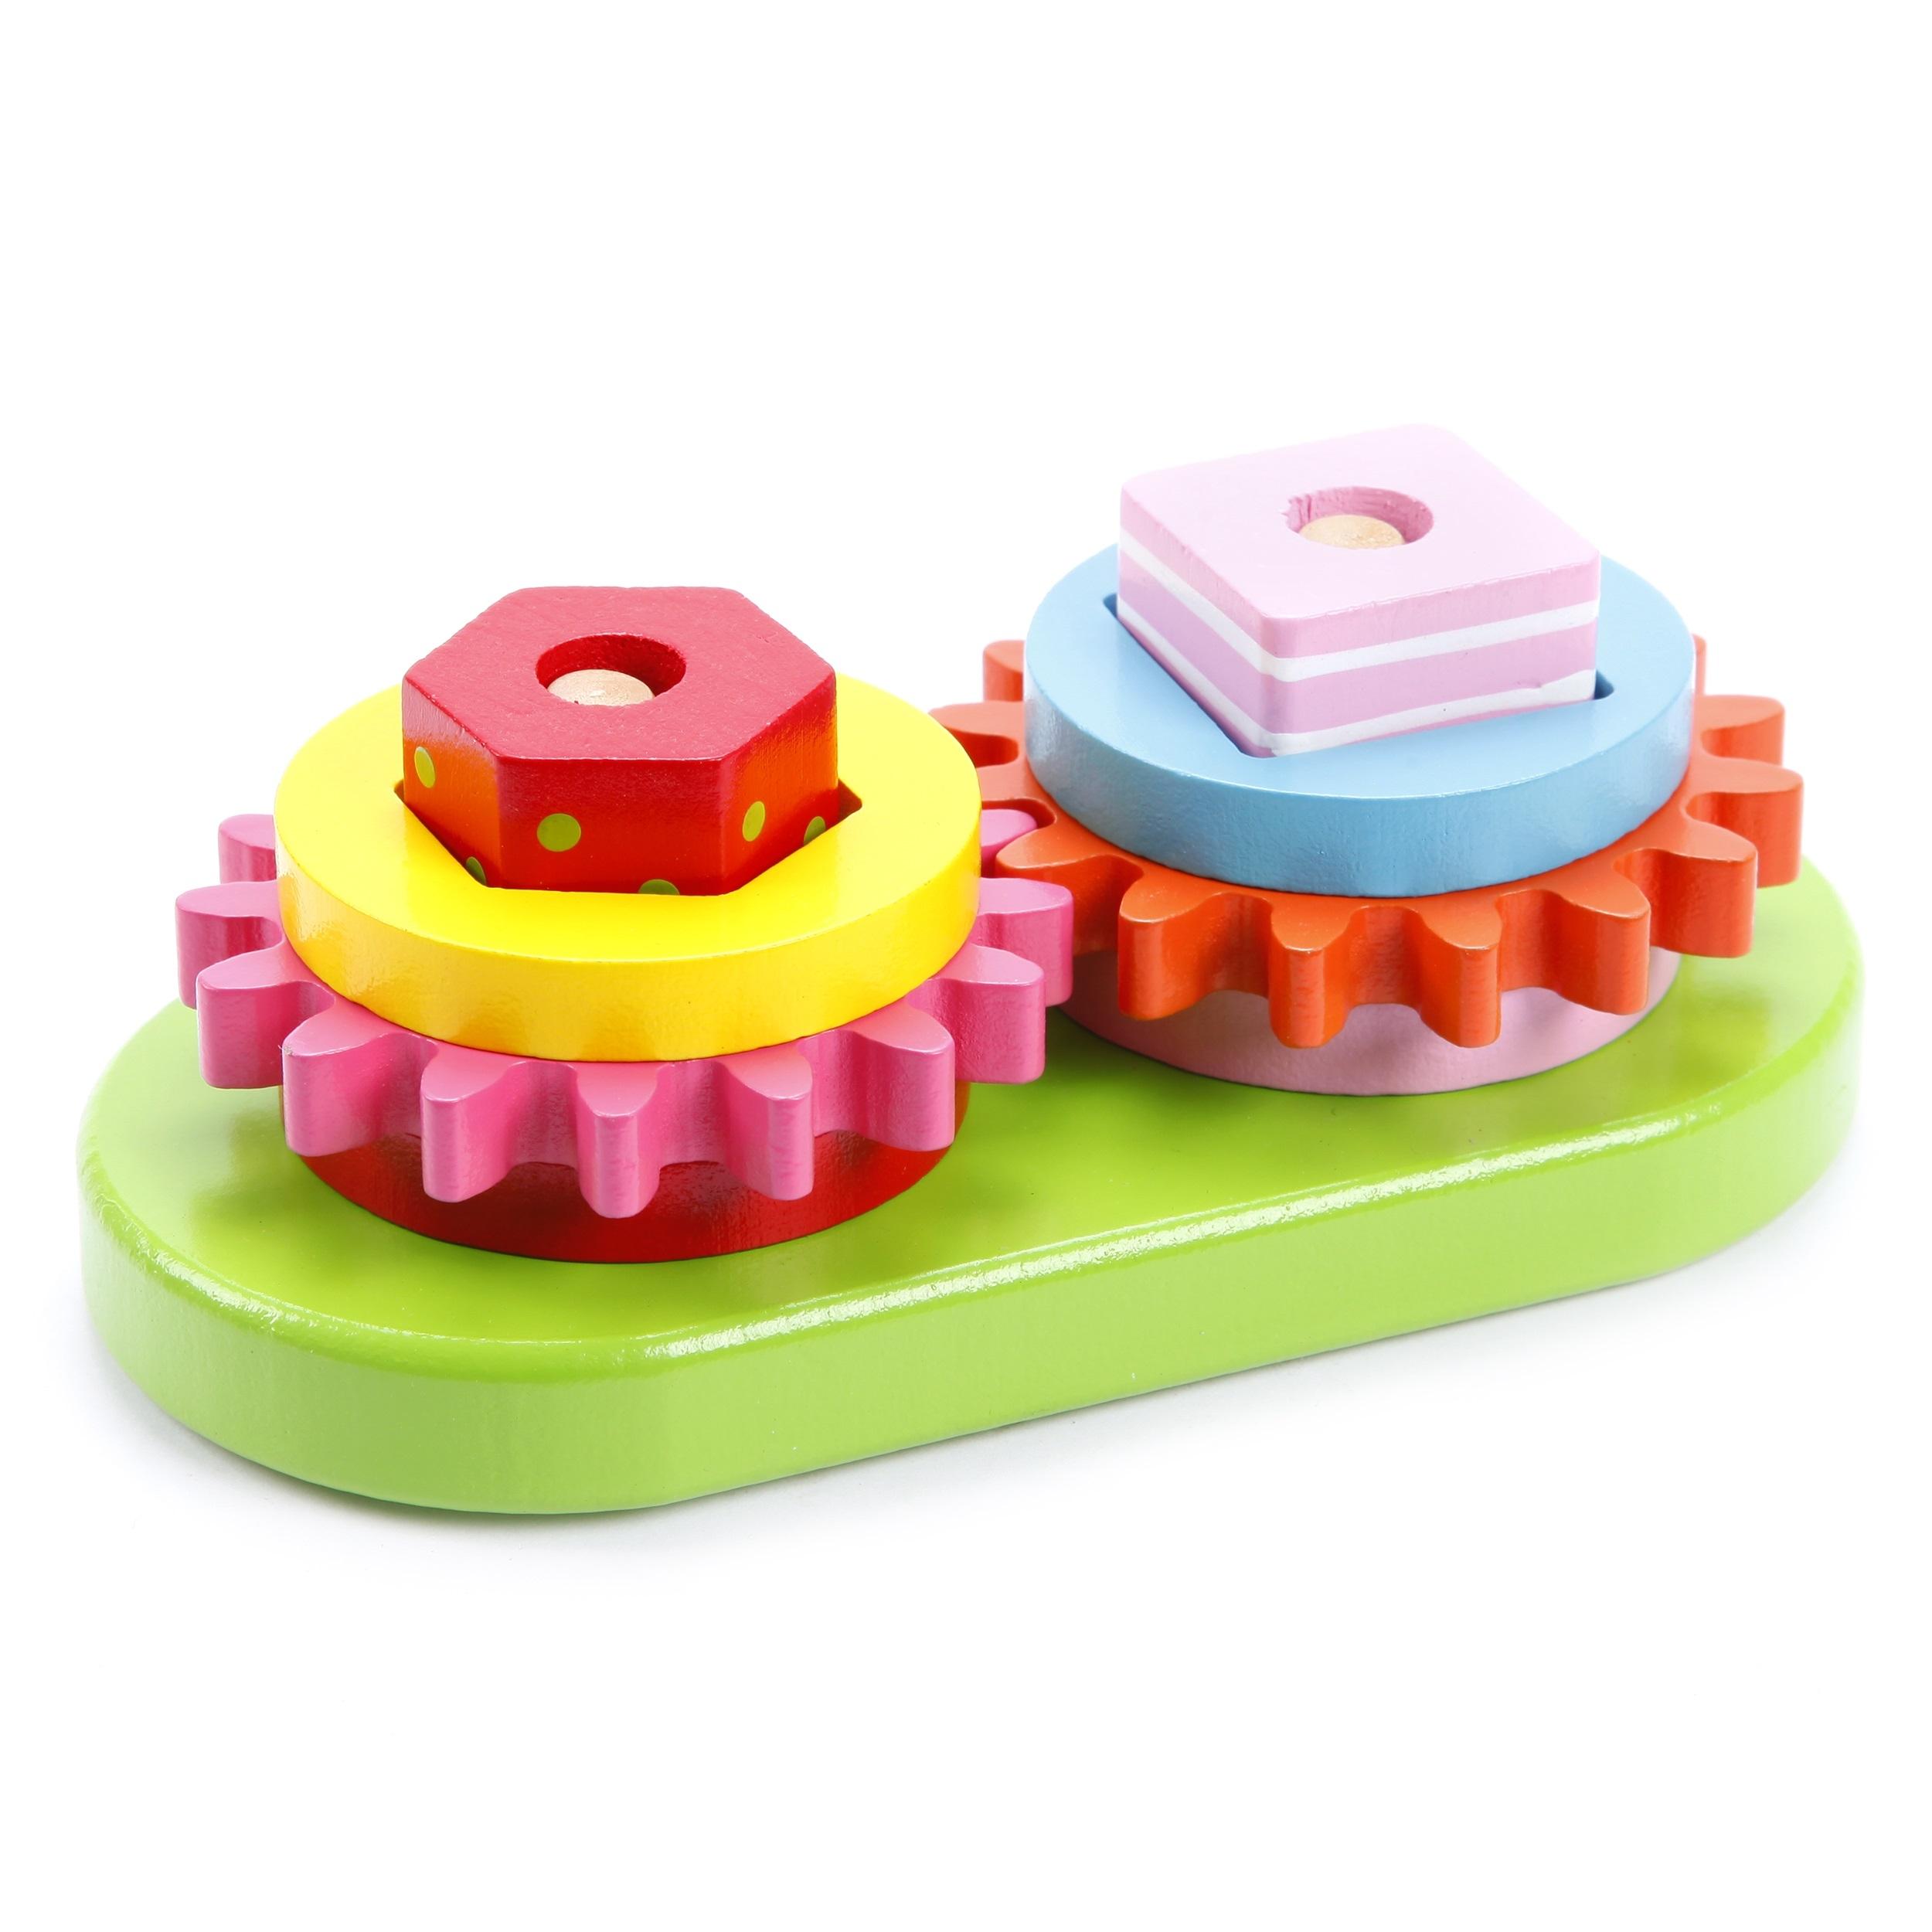 Деревянные игрушки Mapacha Сортер-пирамидка Mapacha «Шестеренки» деревянные игрушки guidecraft сортер rainbow blocks sand